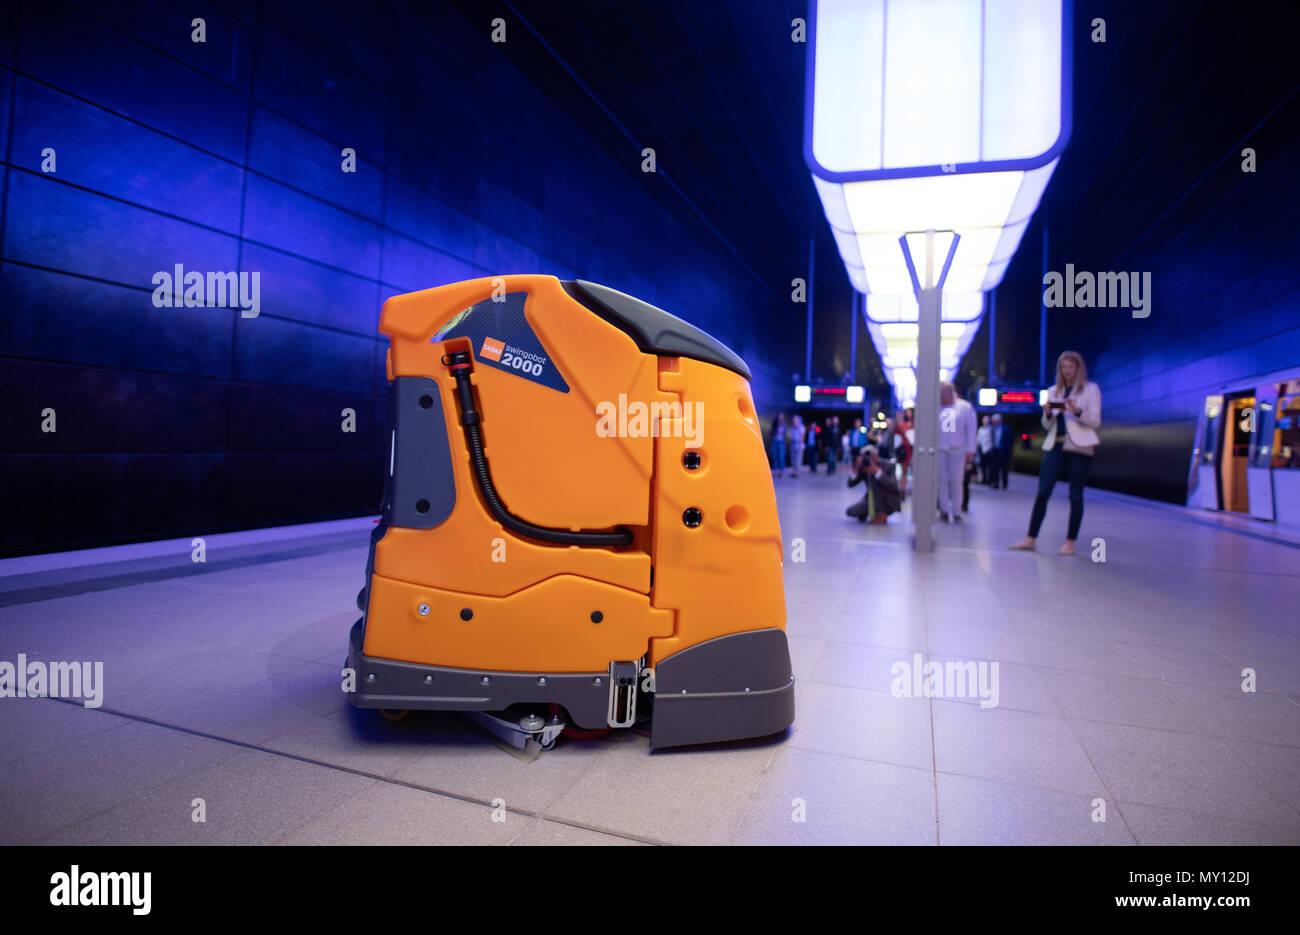 Autonomous Cleaning Robot Stock Photos & Autonomous Cleaning